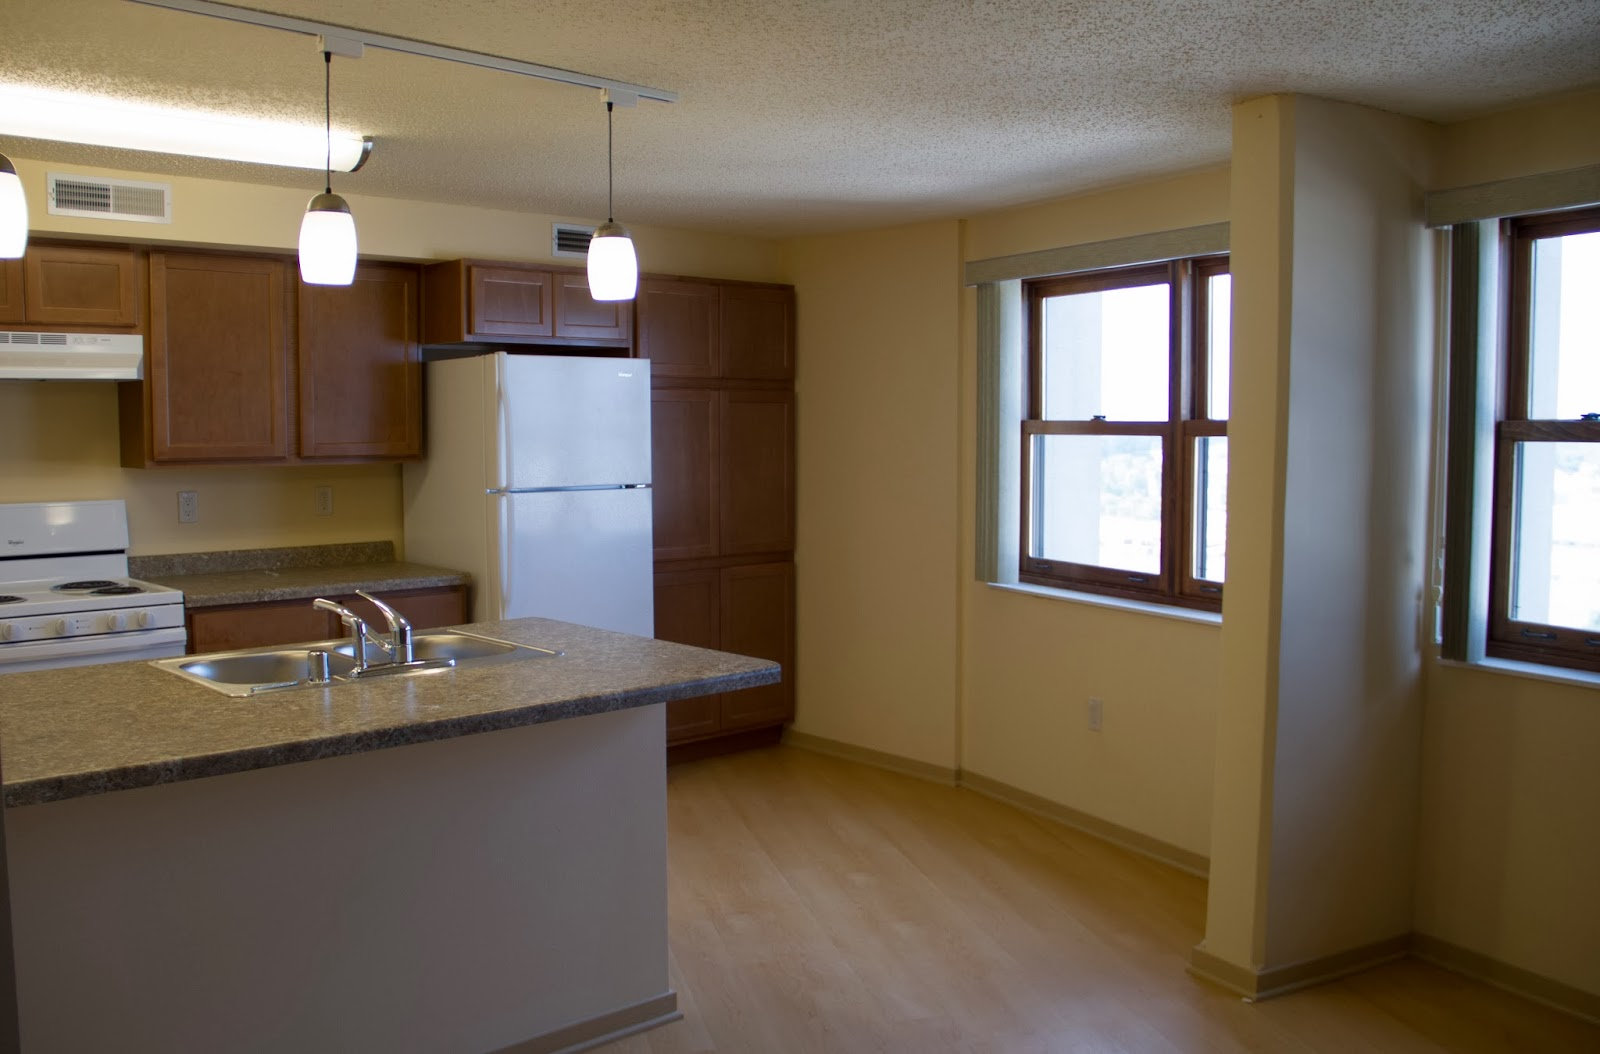 Income Based Apartments Oshkosh Wi